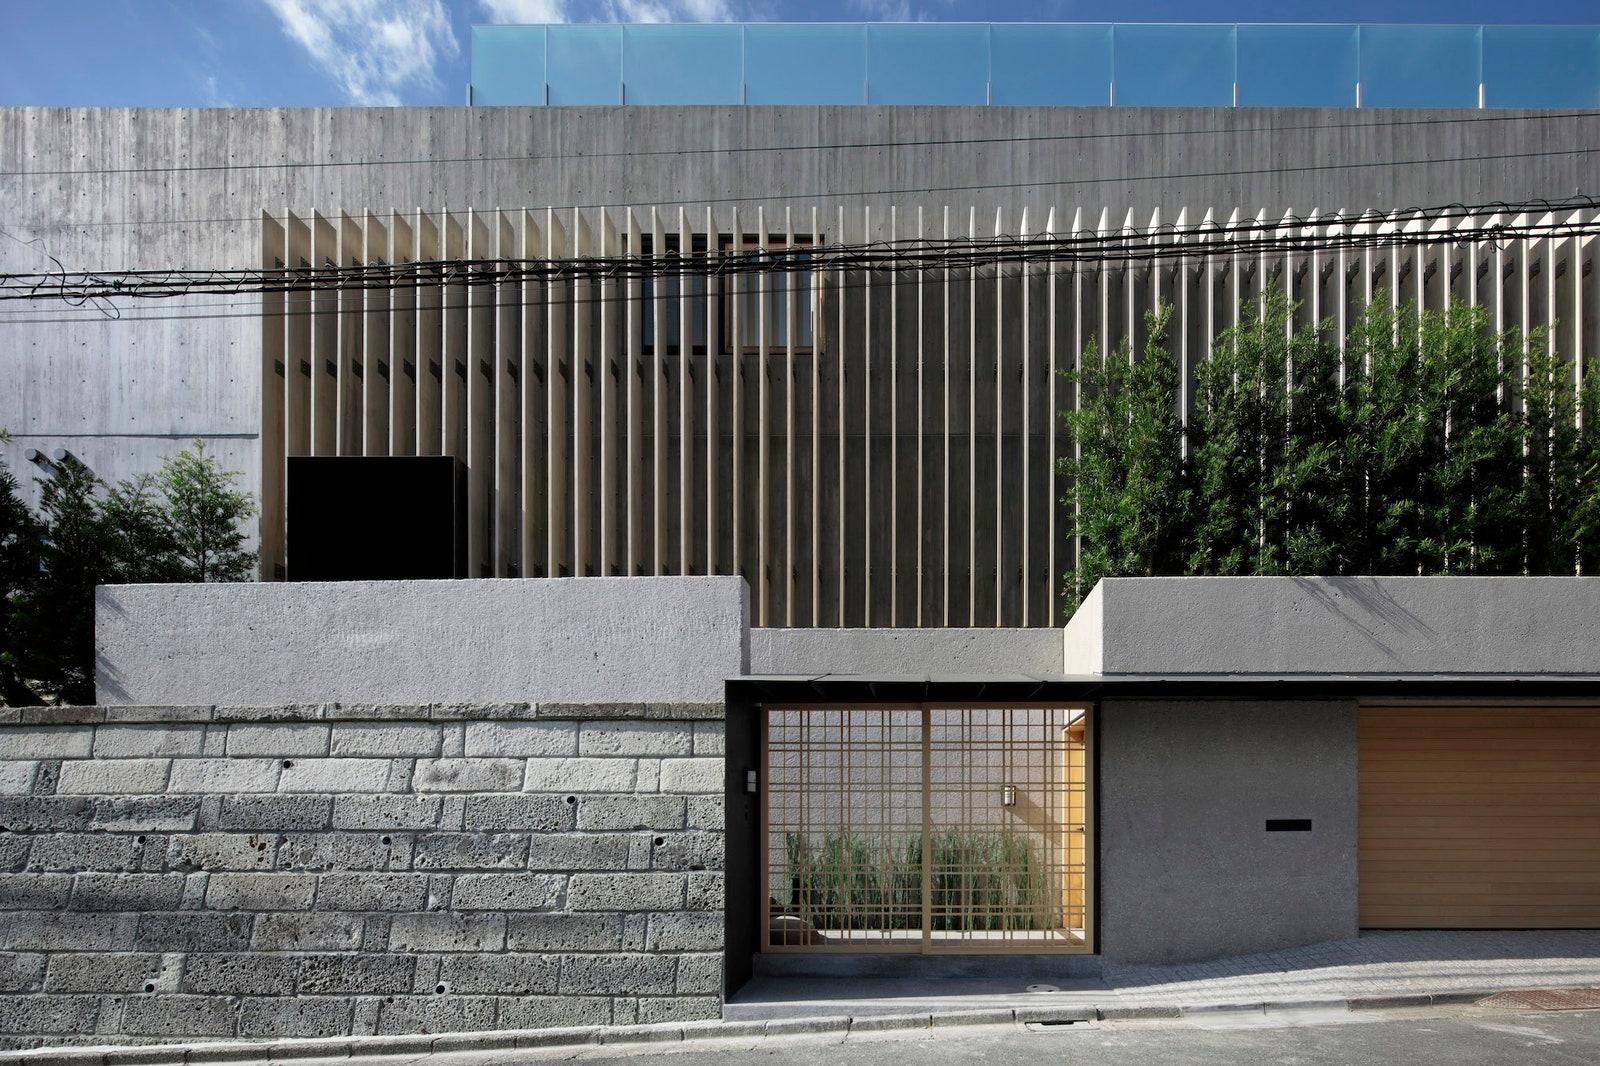 Nét hiện đại của ngôi nhà có sự kết hợp giữa tuyền thống và hiện đại